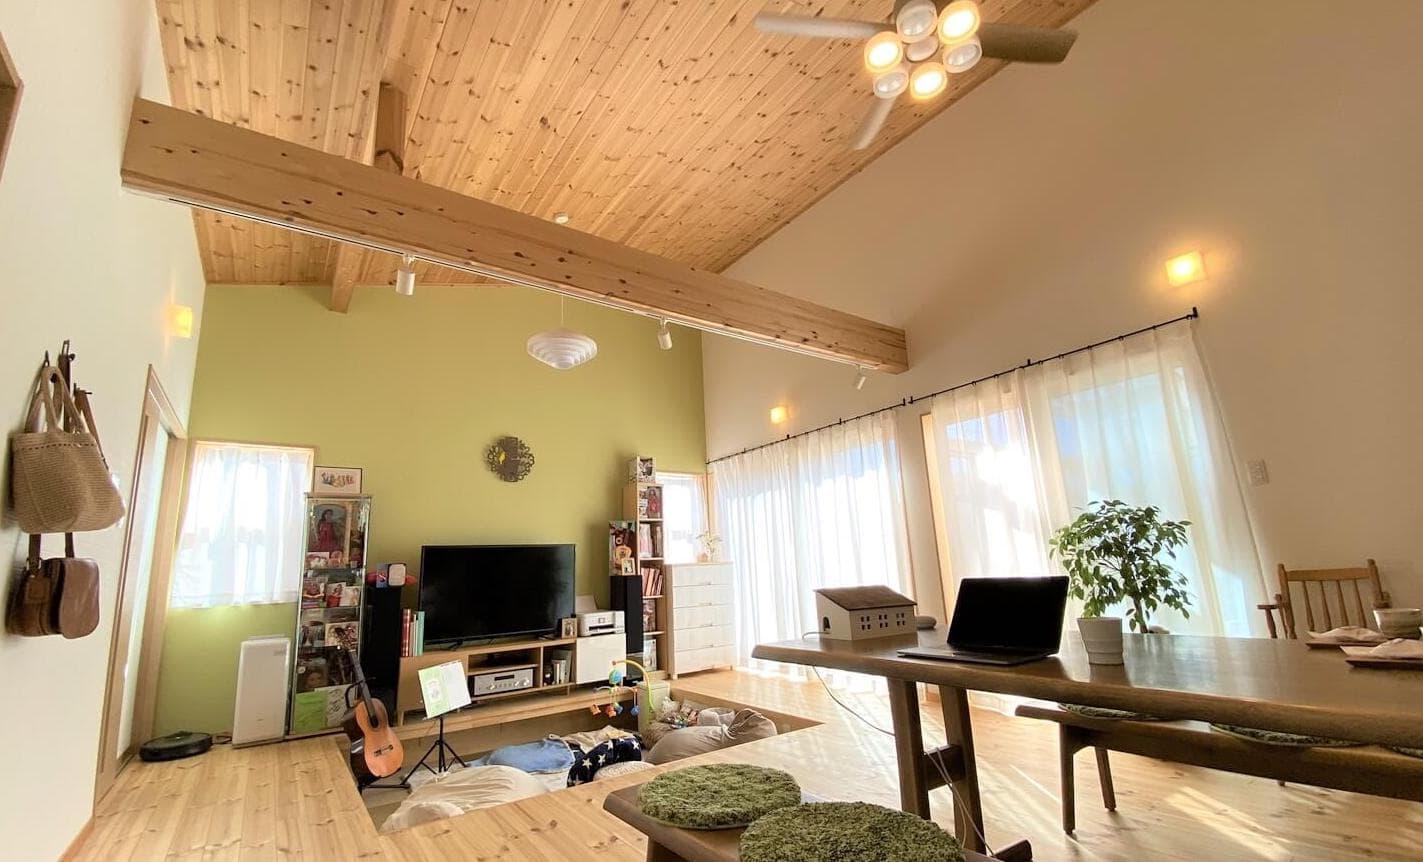 ログハウスのような木の家を低価格で建てるエイ・ワンの茨城県に建つナチュラルモダンな白壁の2階建て注文住宅の動画